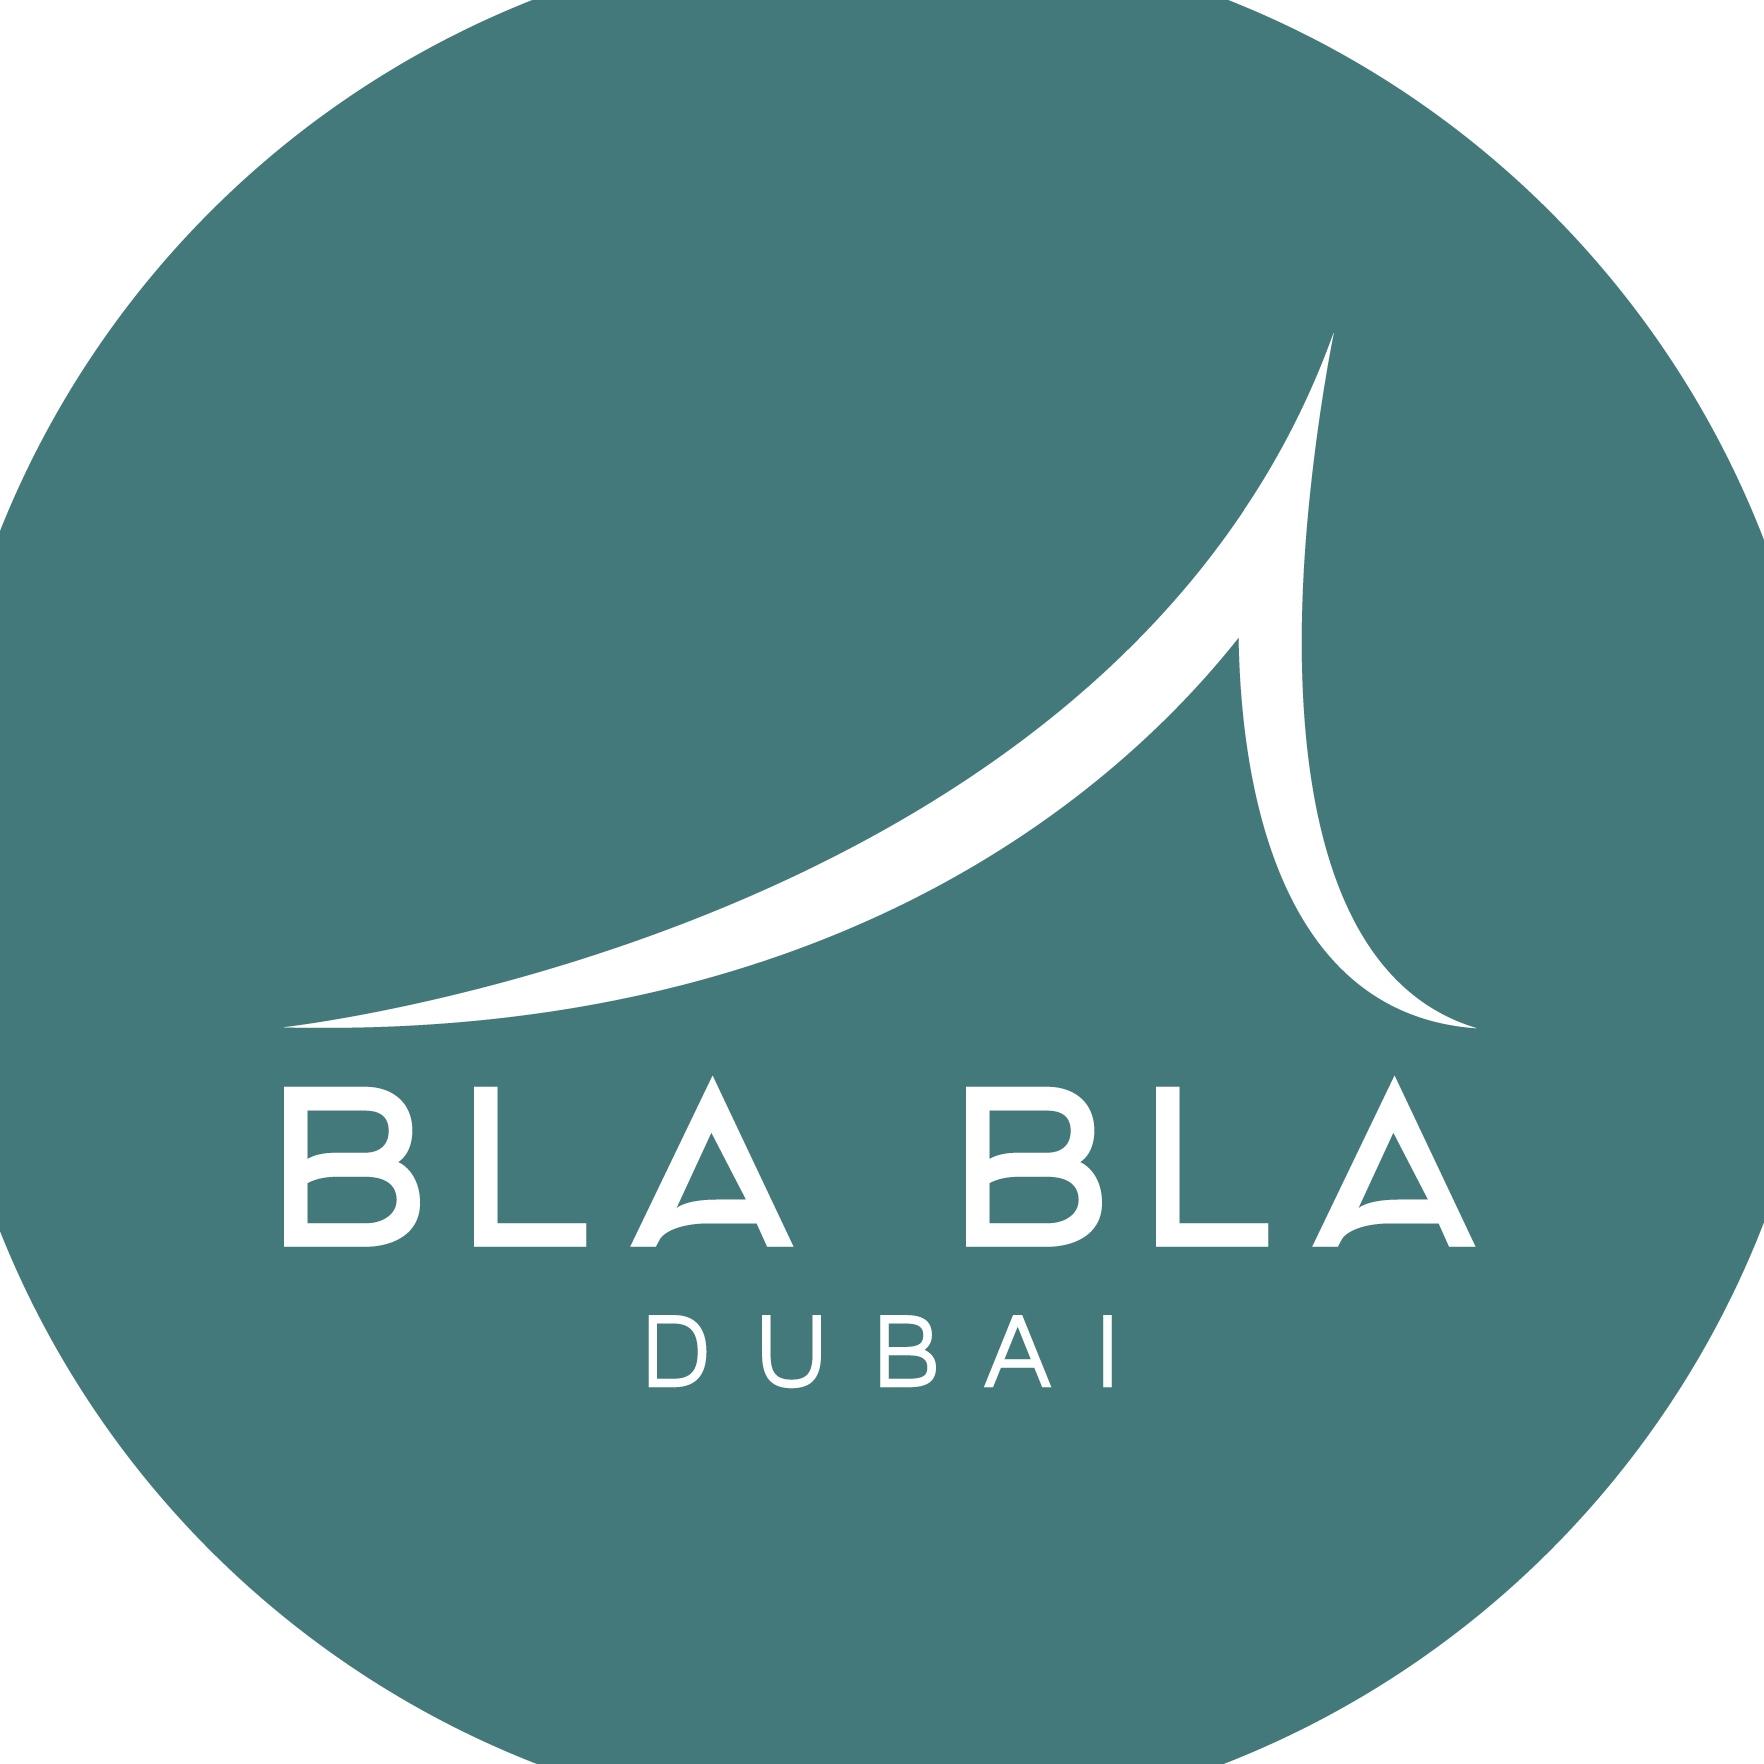 Bla Bla Dubai